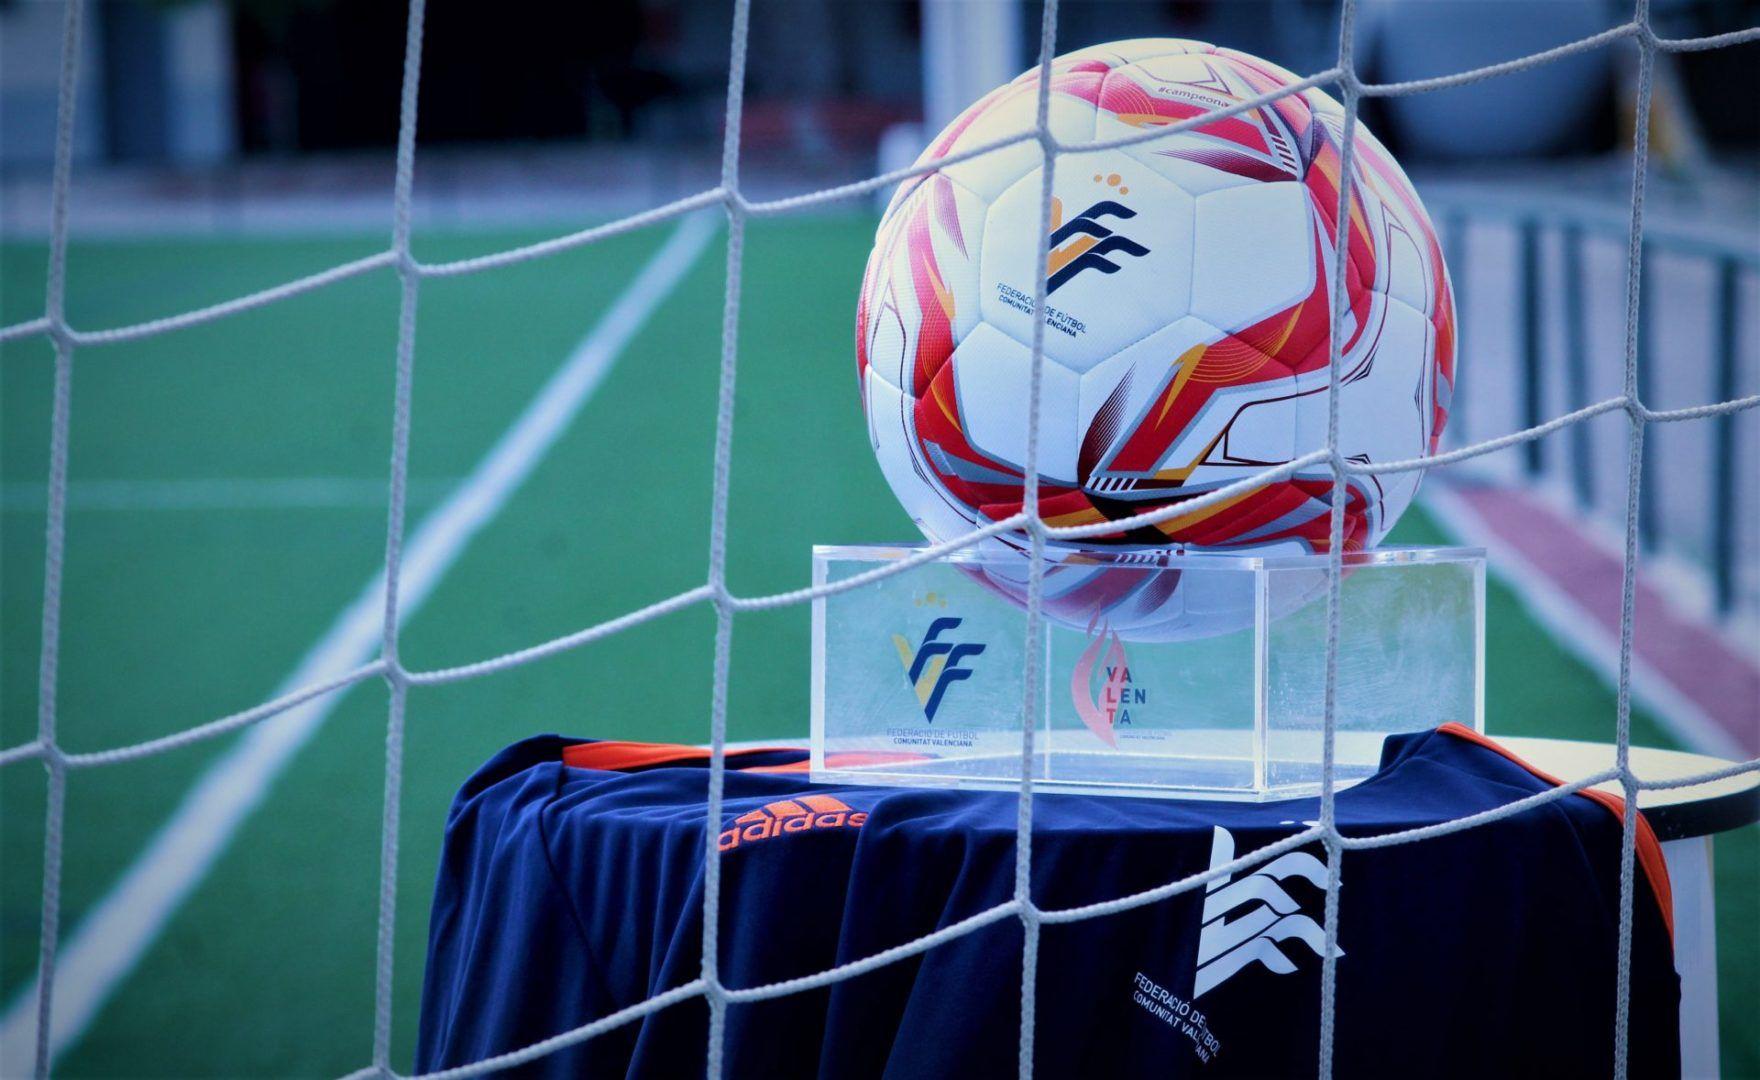 En este momento estás viendo Las ligas de fútbol 8 comenzarán el fin de semana del 15 de noviembre